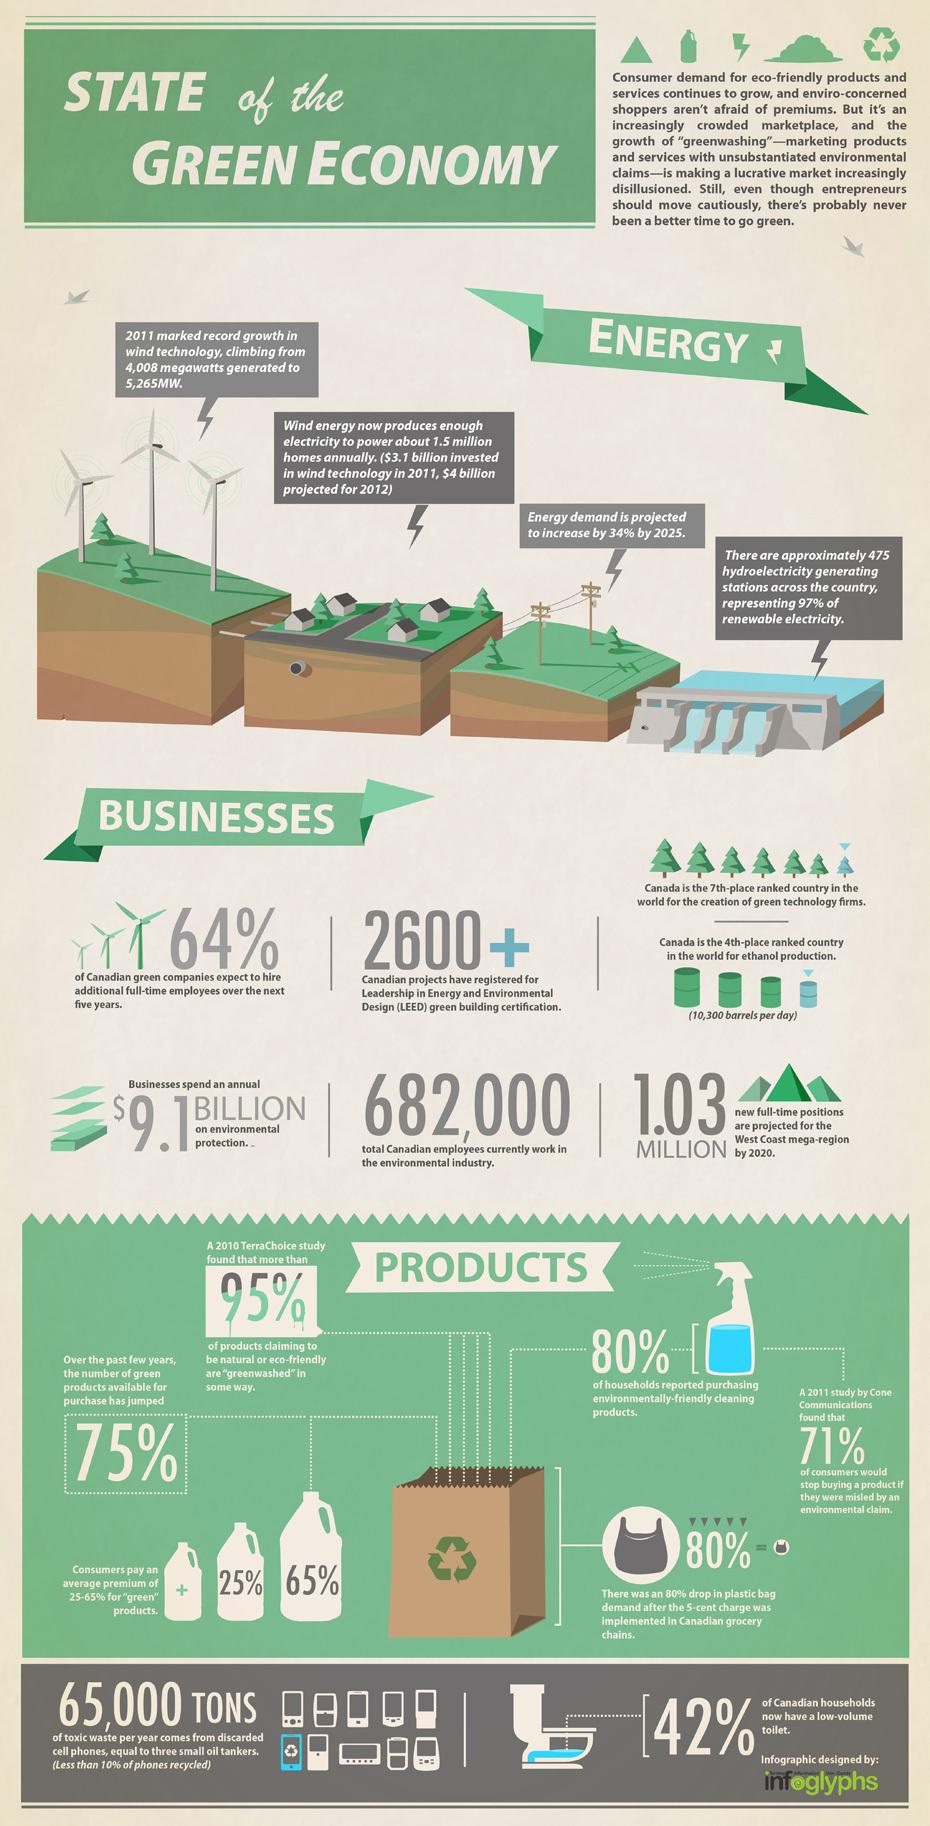 estado de la economía verde